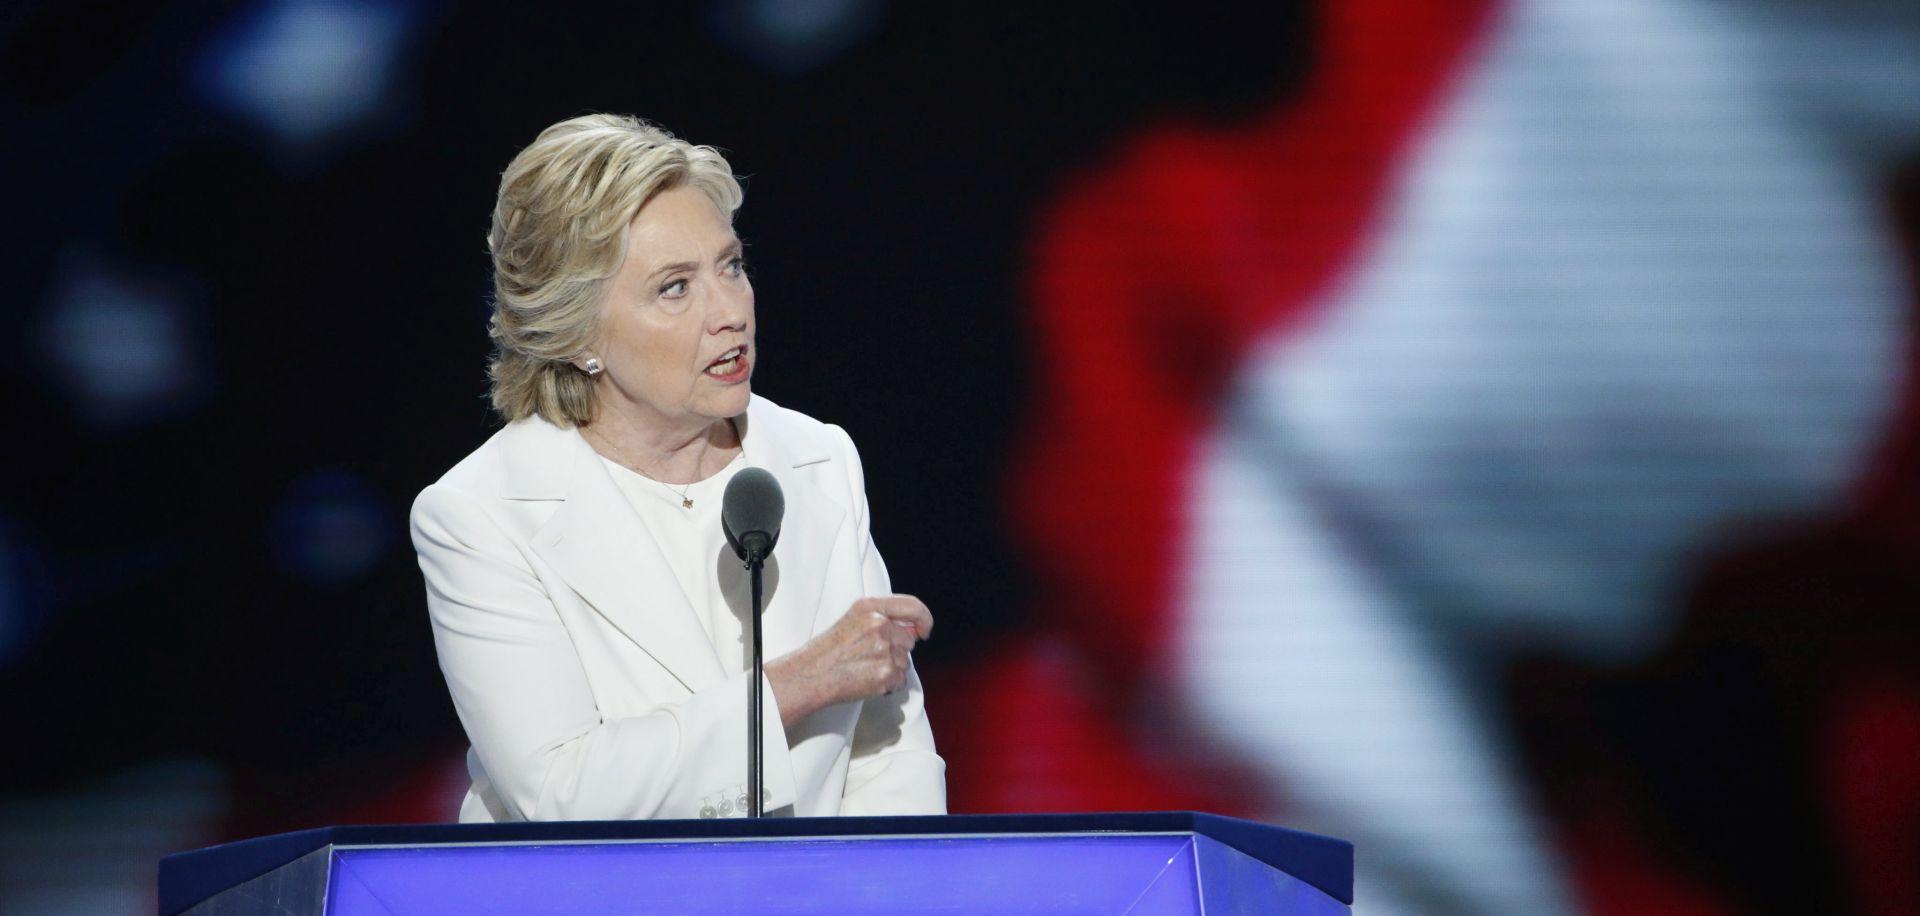 Novi kibernetički napad na američku Demokratsku stranku